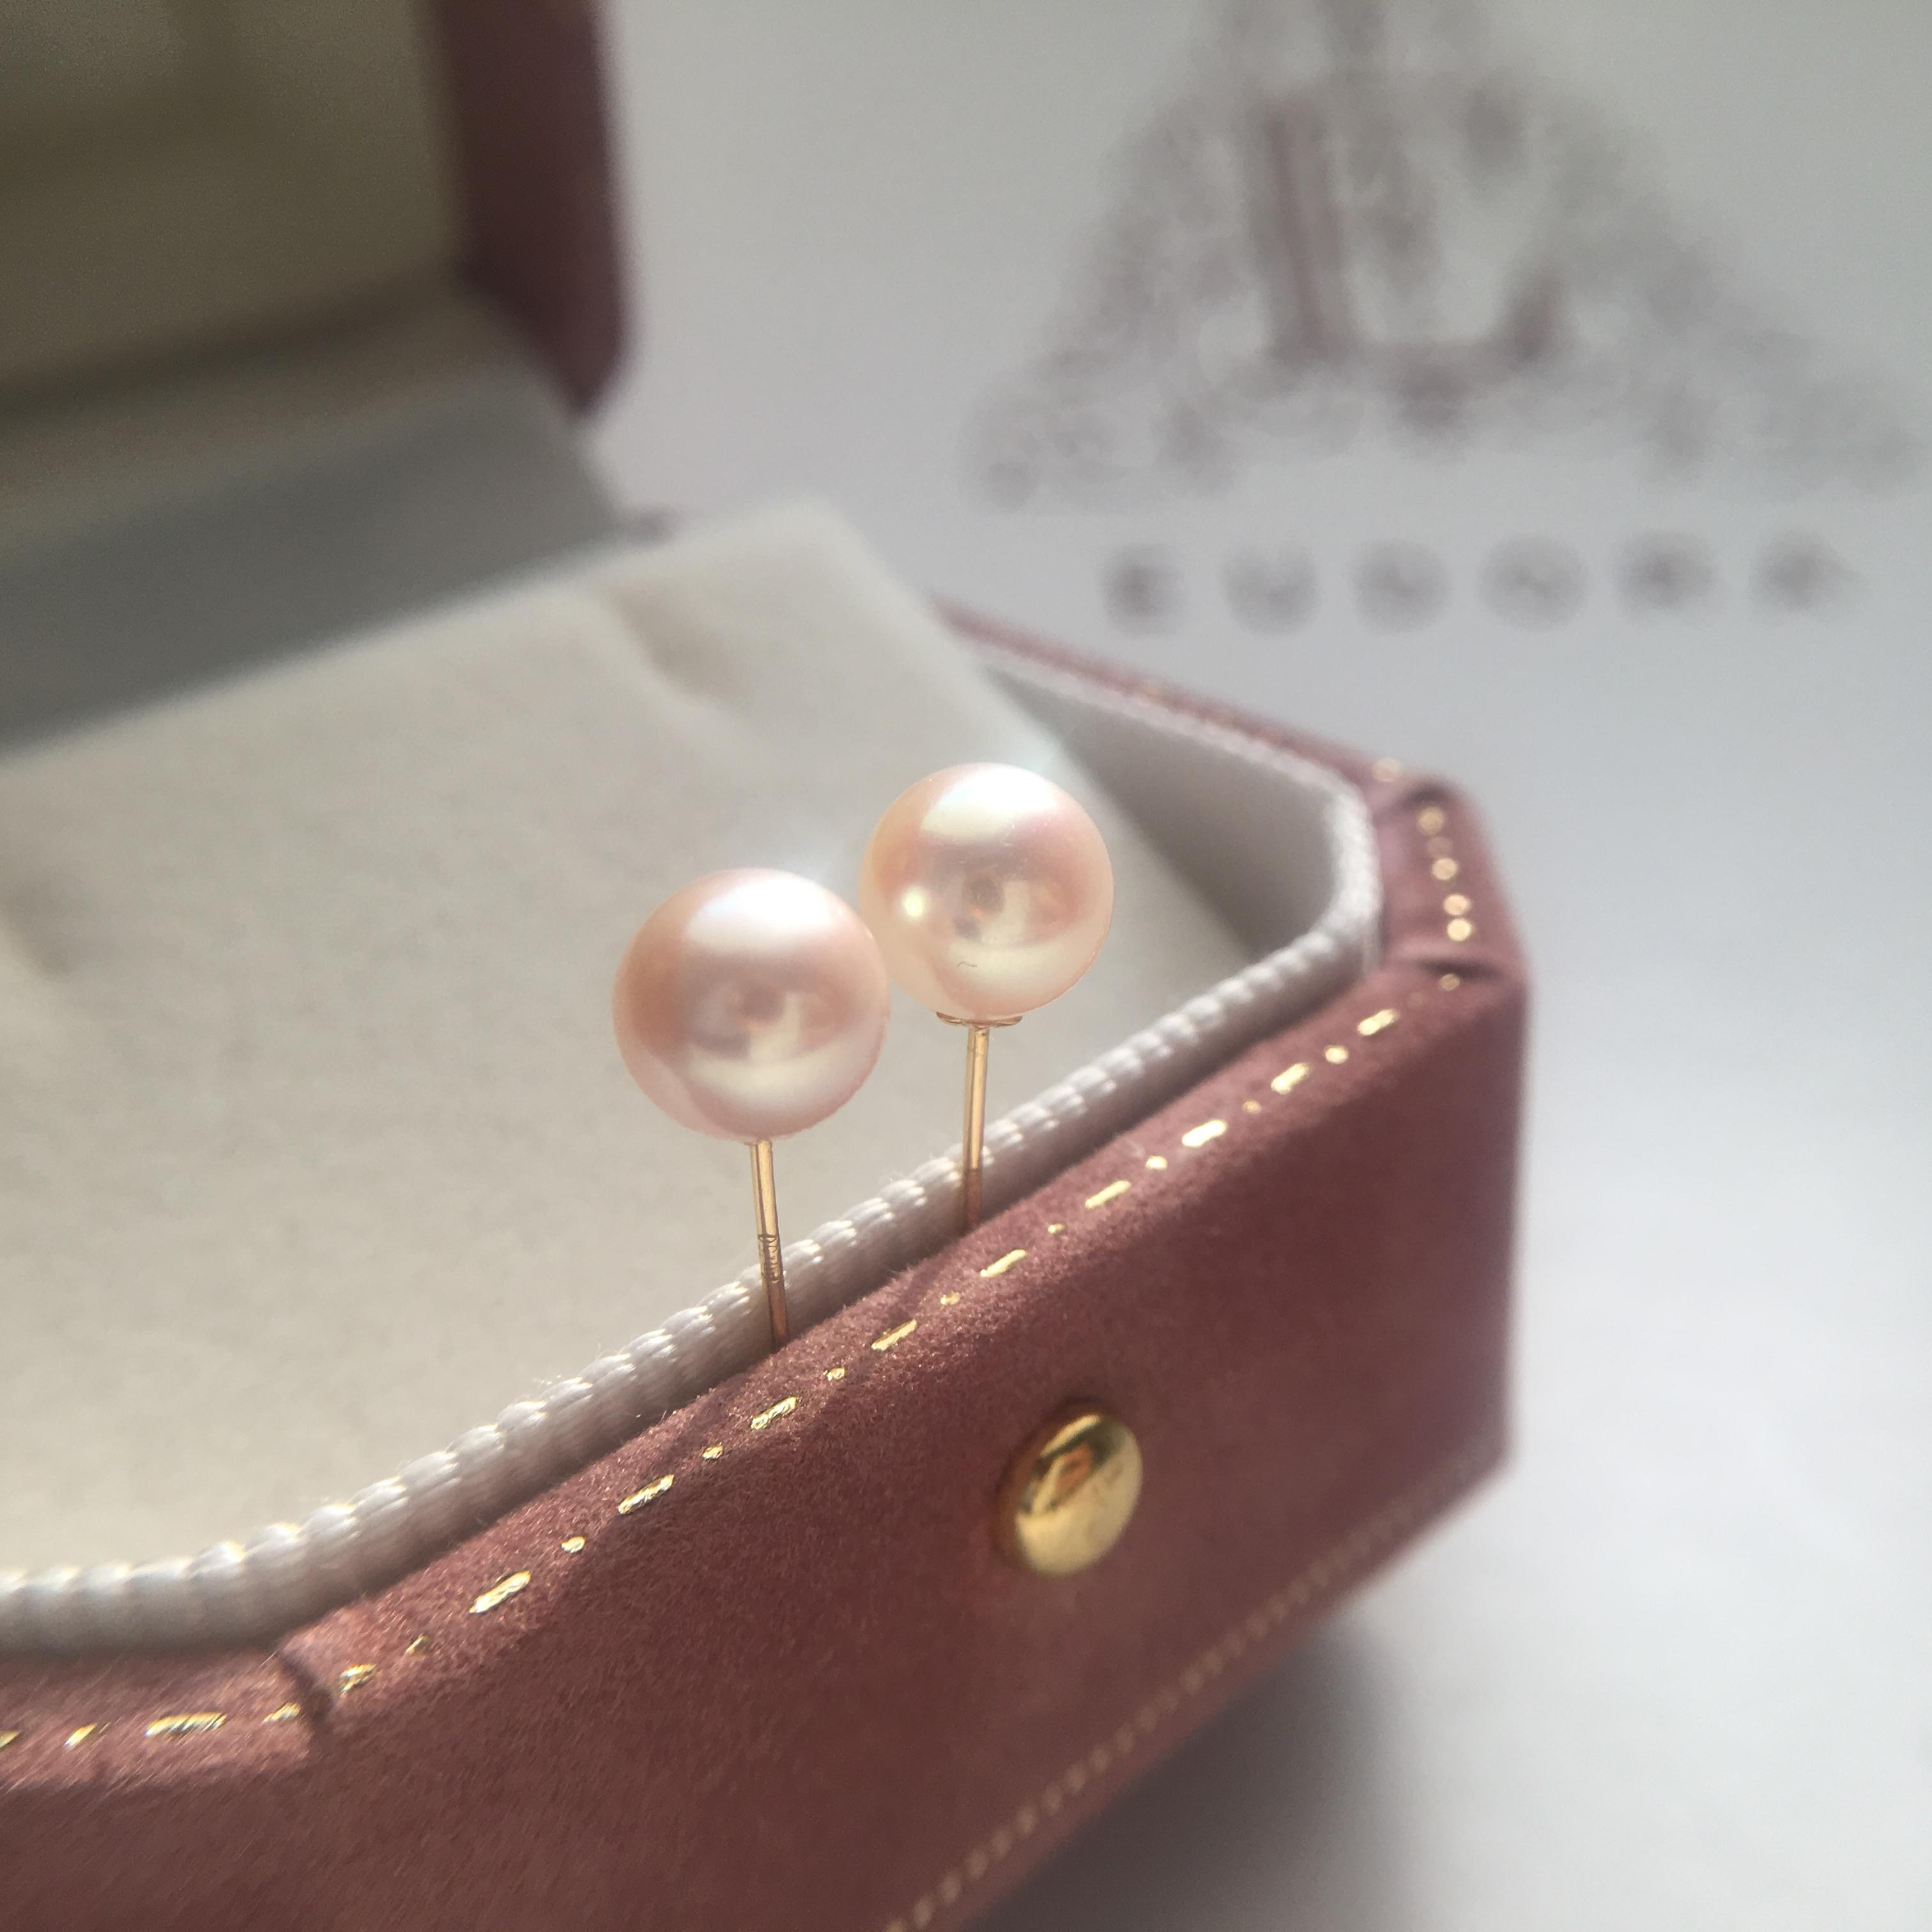 尤朵拉出口级精品正圆强光小灯泡淡水珍珠耳钉  18K金针耳饰珠宝